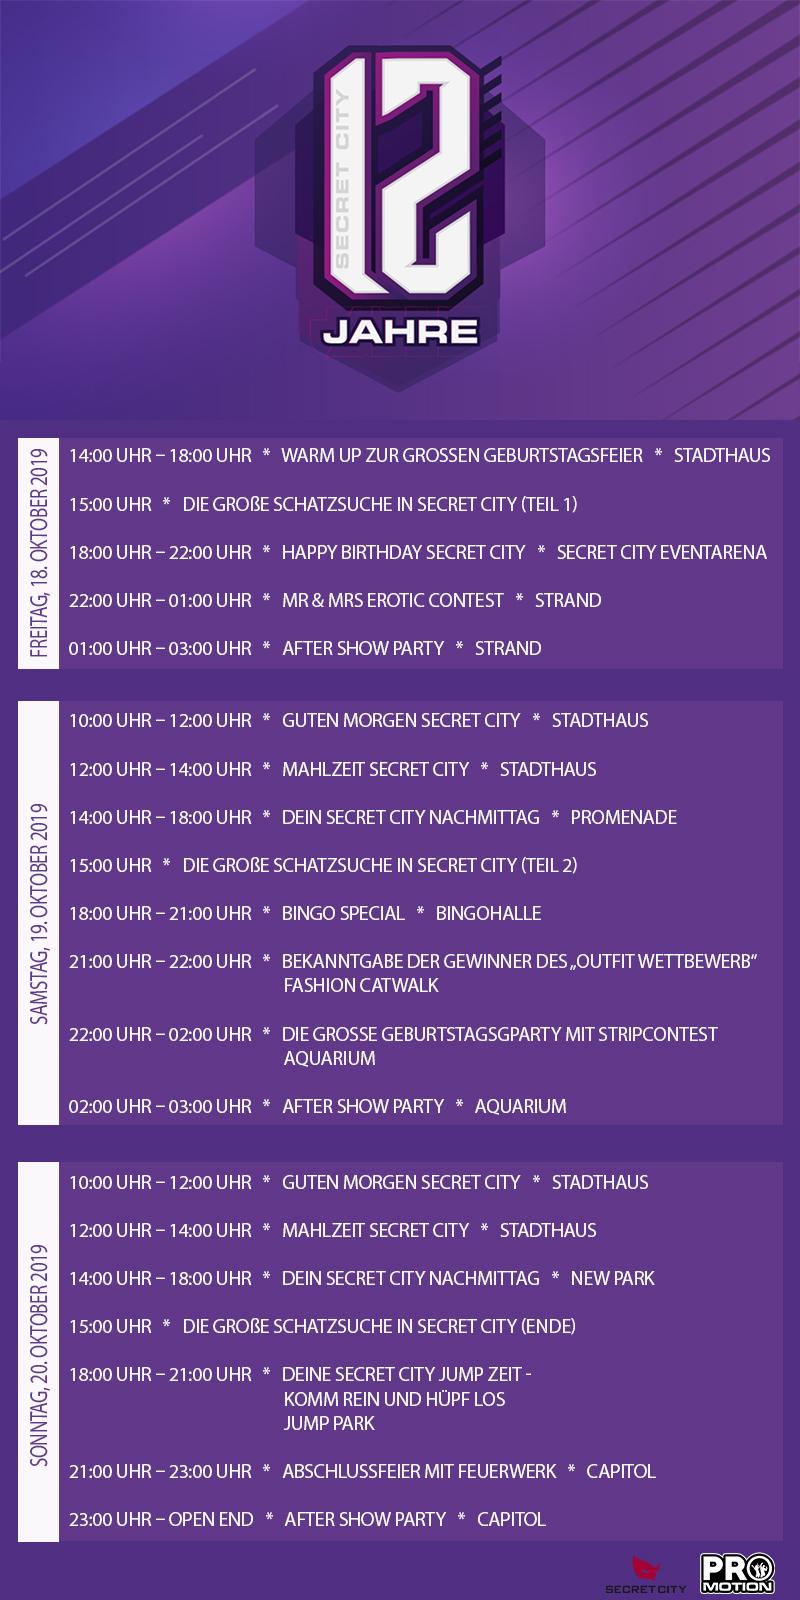 sc-promotion-team.de/images/12_jahre_sc/events/12_jahre_secret_city_veranstaltungsplan.jpg